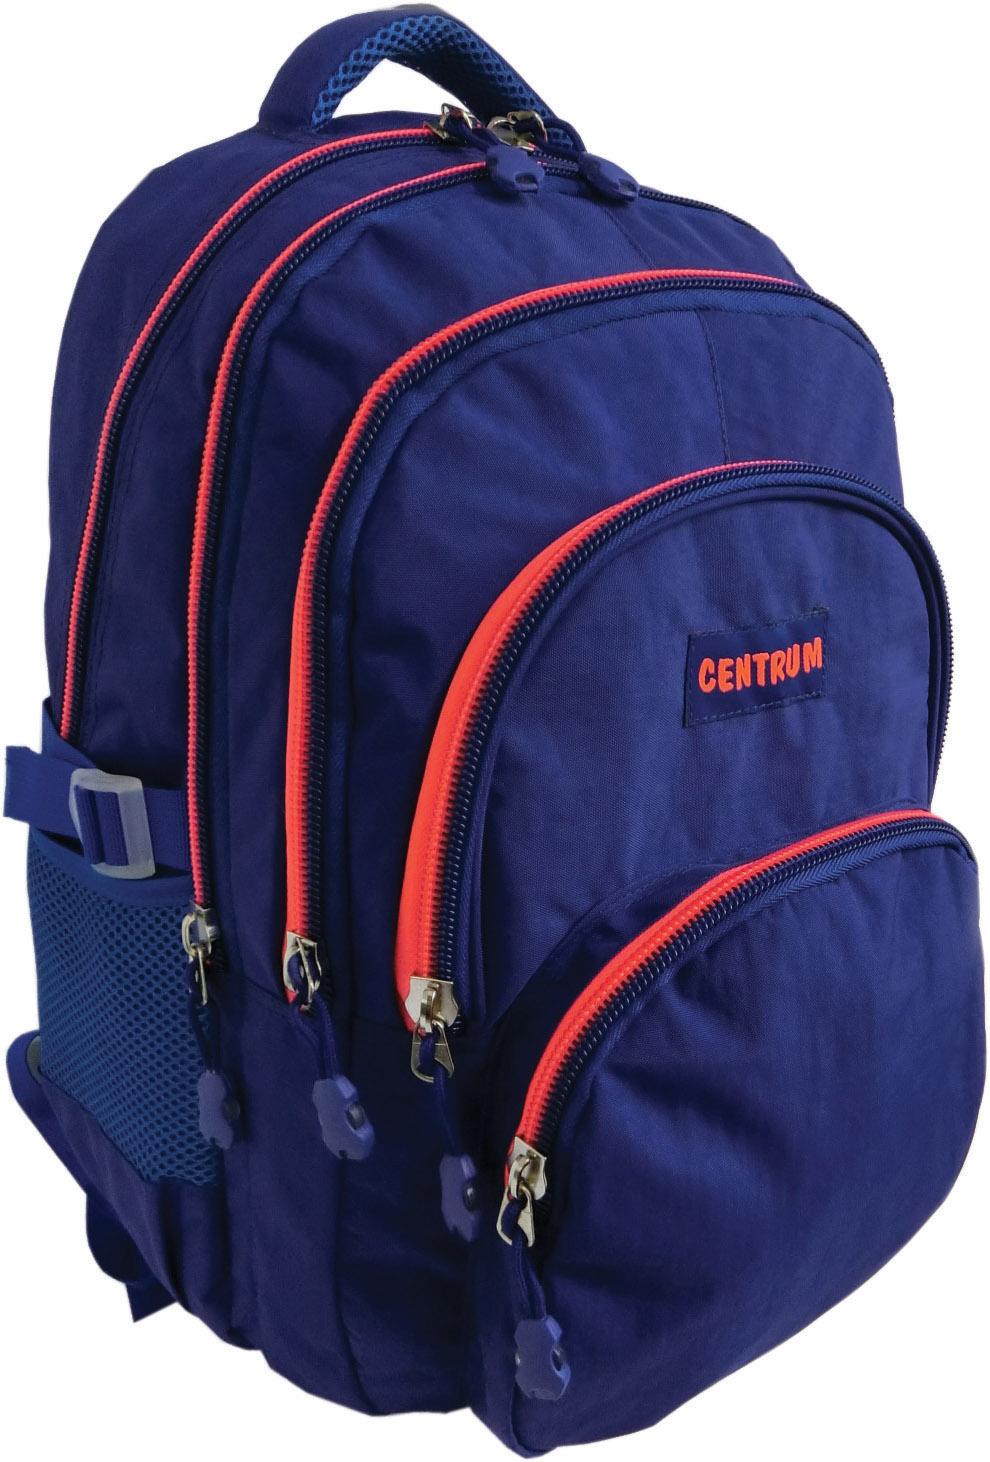 Centrum Школьный ранец 8681186811Рюкзак подростковый, цвет-синий. Размер 44*33*28 см, 3 отделения, 2 больших наружних кармана, боковые карманы из сетки, уплотненная спинка, мягкие регулируемые лямки, материал нейлон